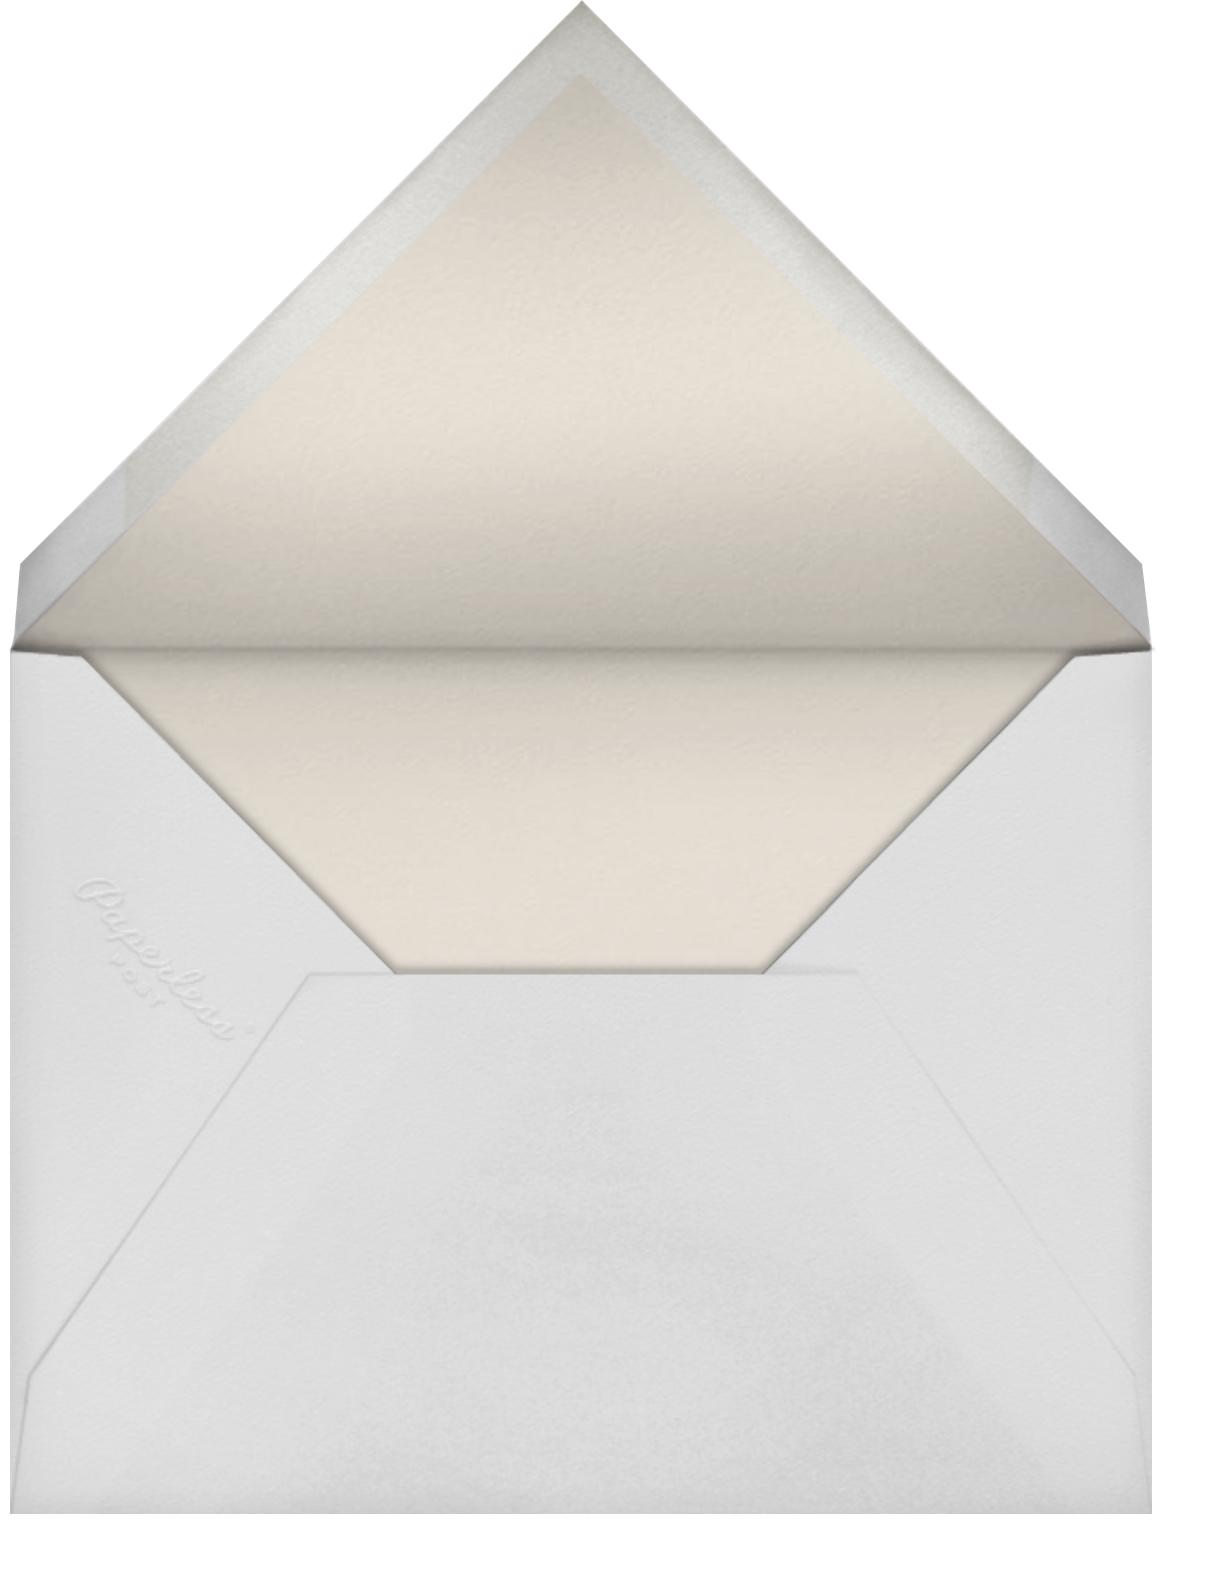 Sand Garden (Invitation) - Santa Fe - kate spade new york - All - envelope back